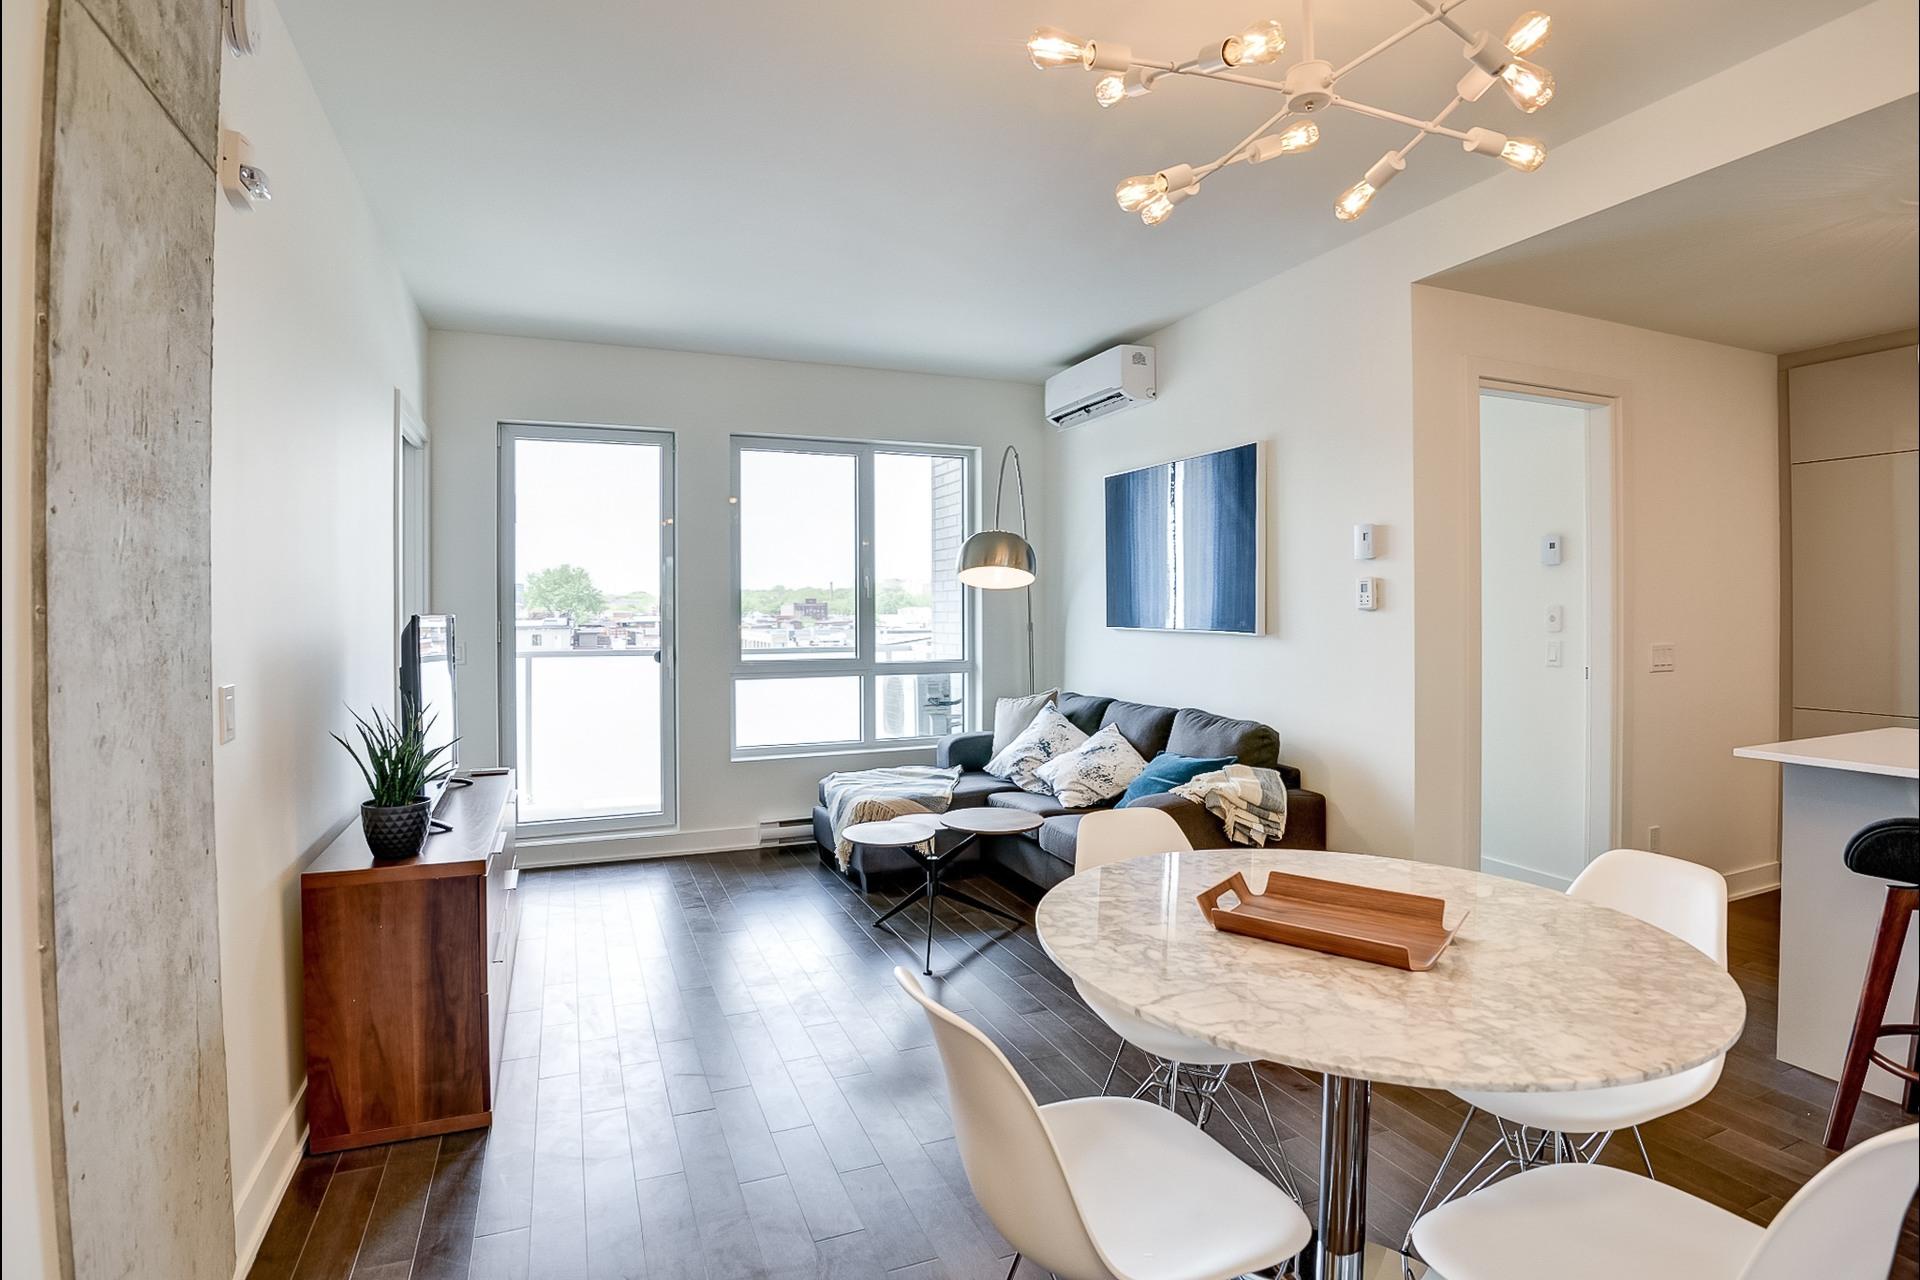 image 2 - MX - Condominio vertical - MX Para alquiler Montréal - 4 habitaciones